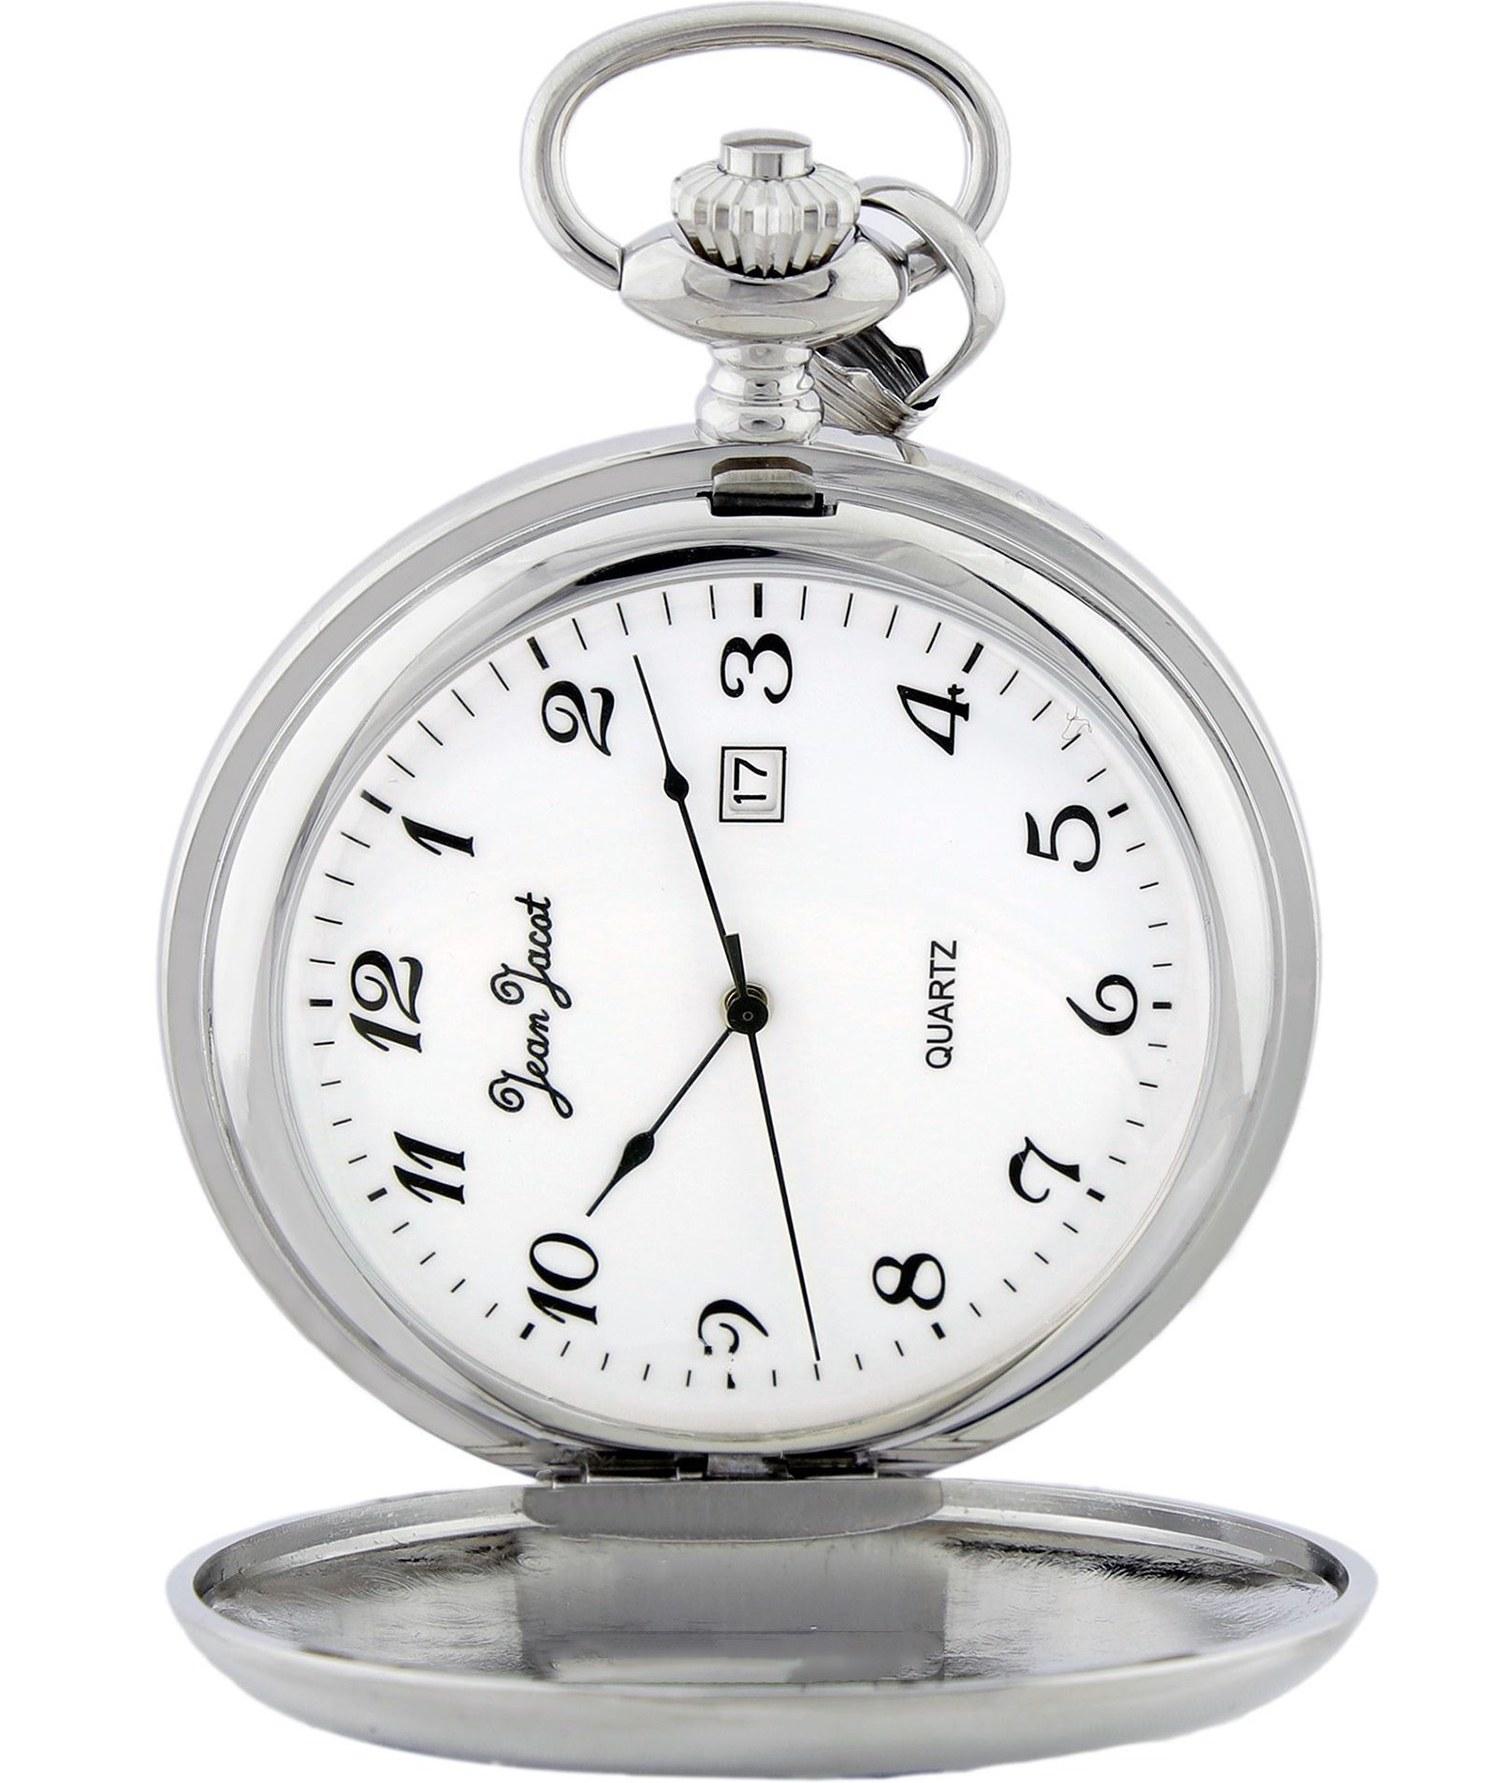 تصویر ساعت جیبی مردانه ژان ژاکت ، کد QS-1004